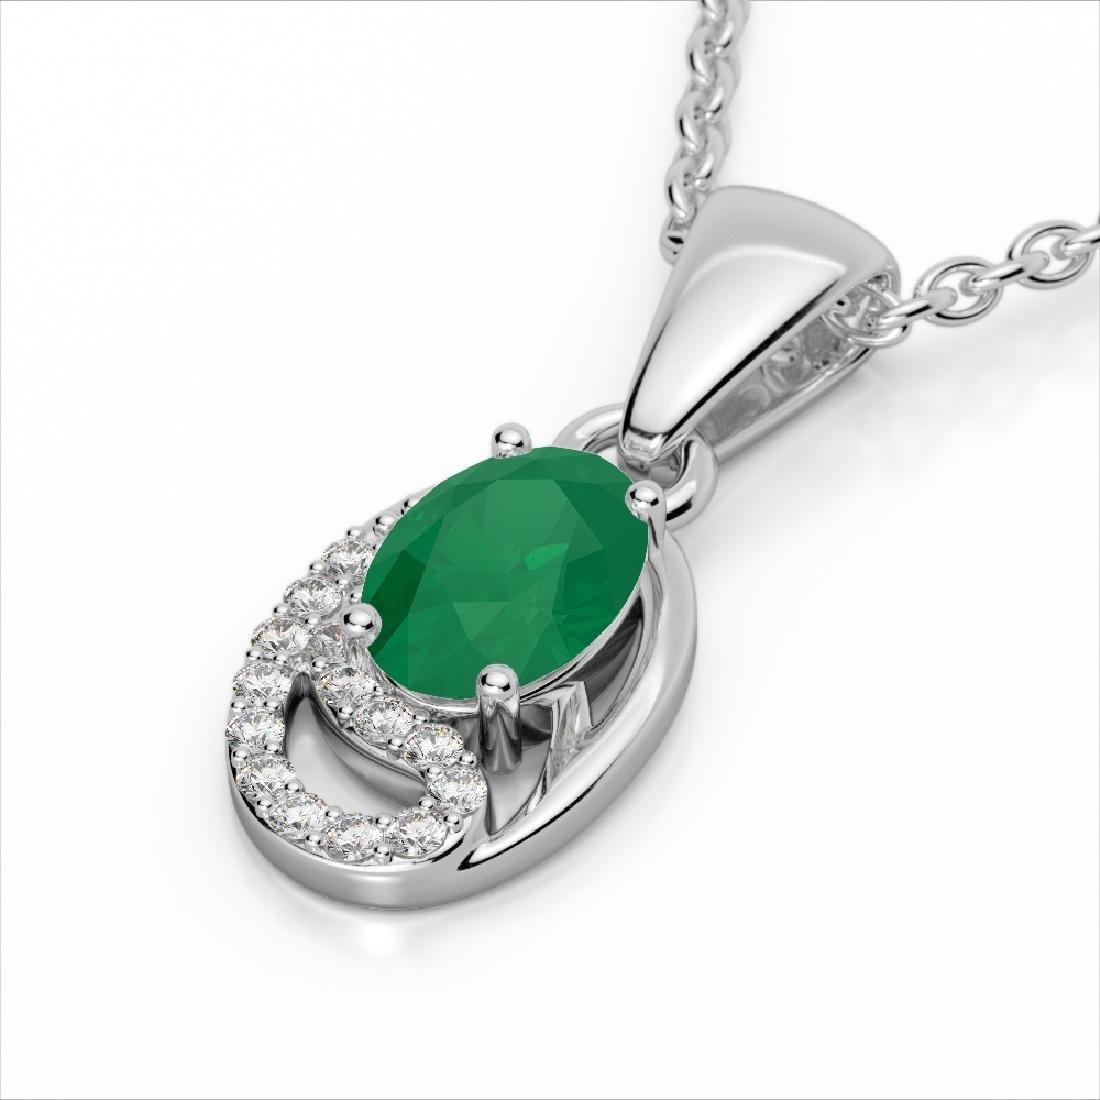 1.25 CTW Emerald & Micro Pave VS/SI Diamond Necklace